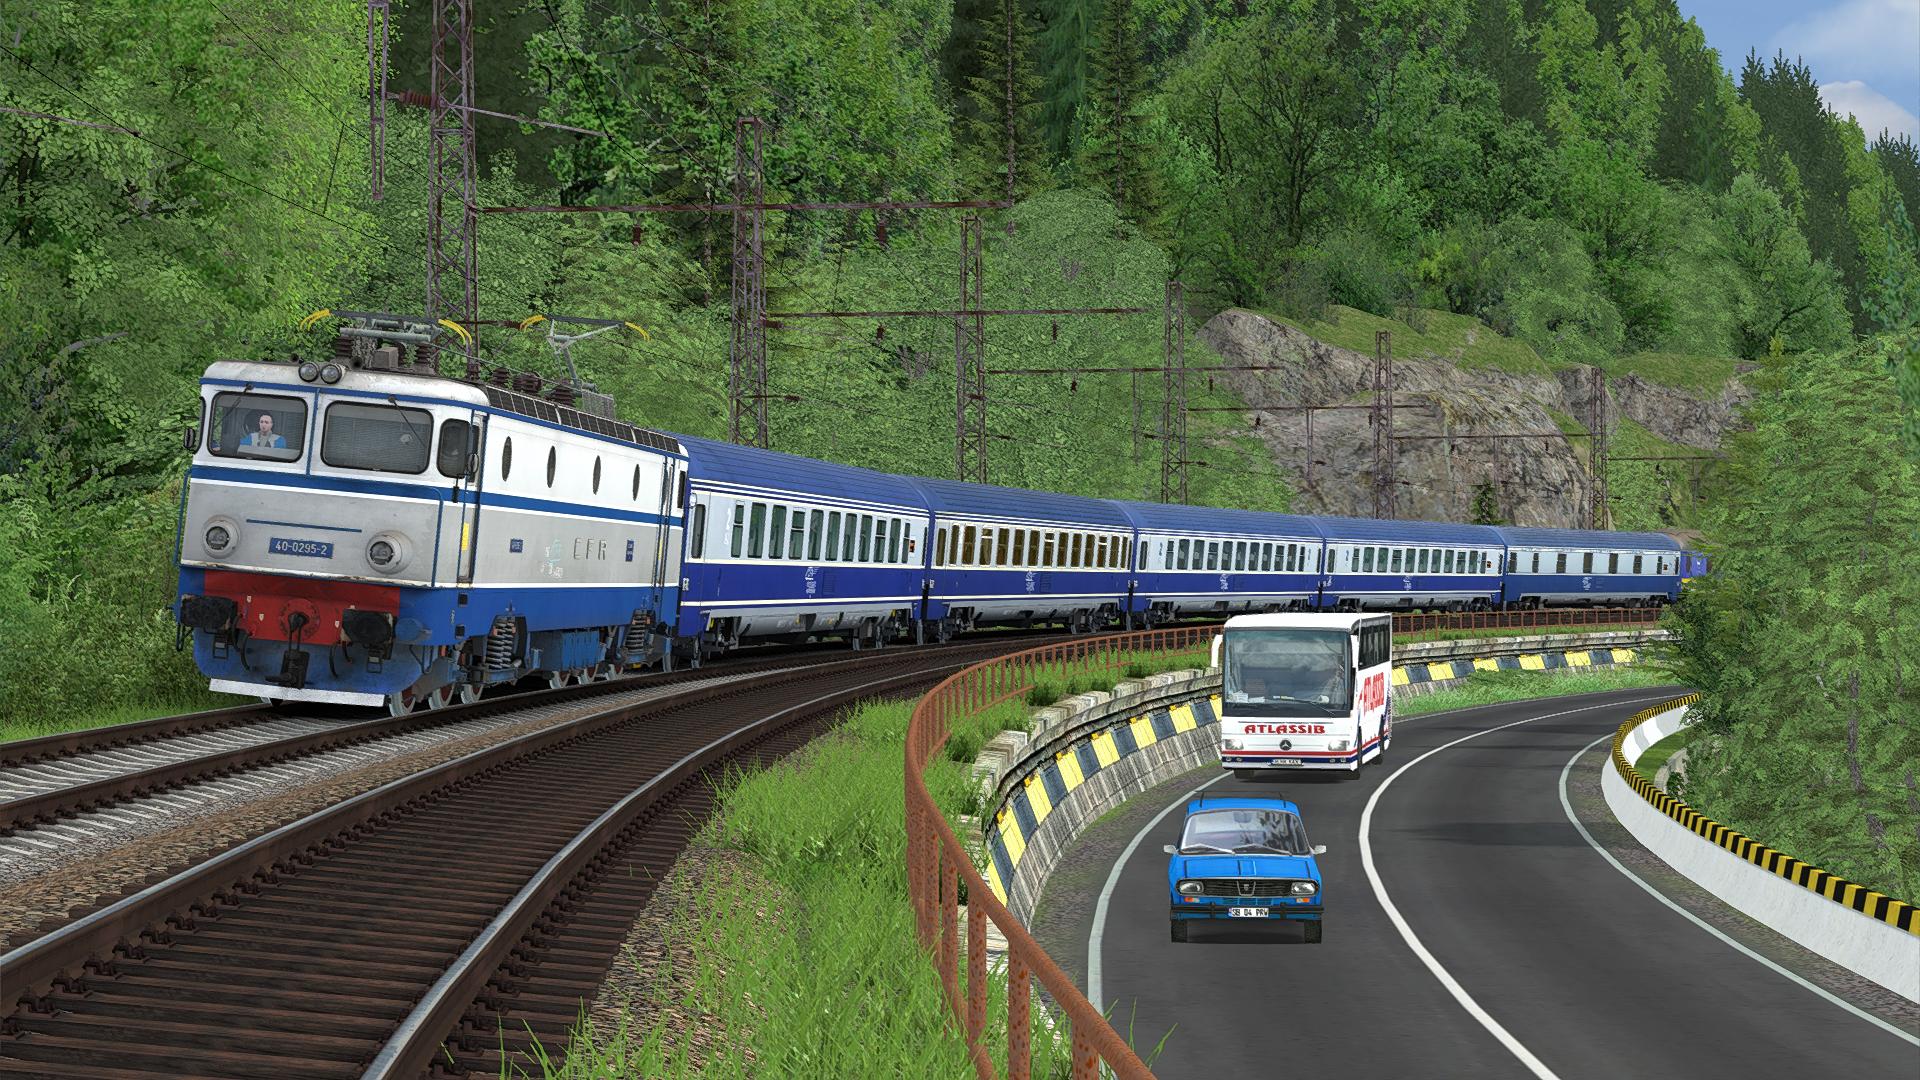 RailWorks64 2021-06-02 23-09-40